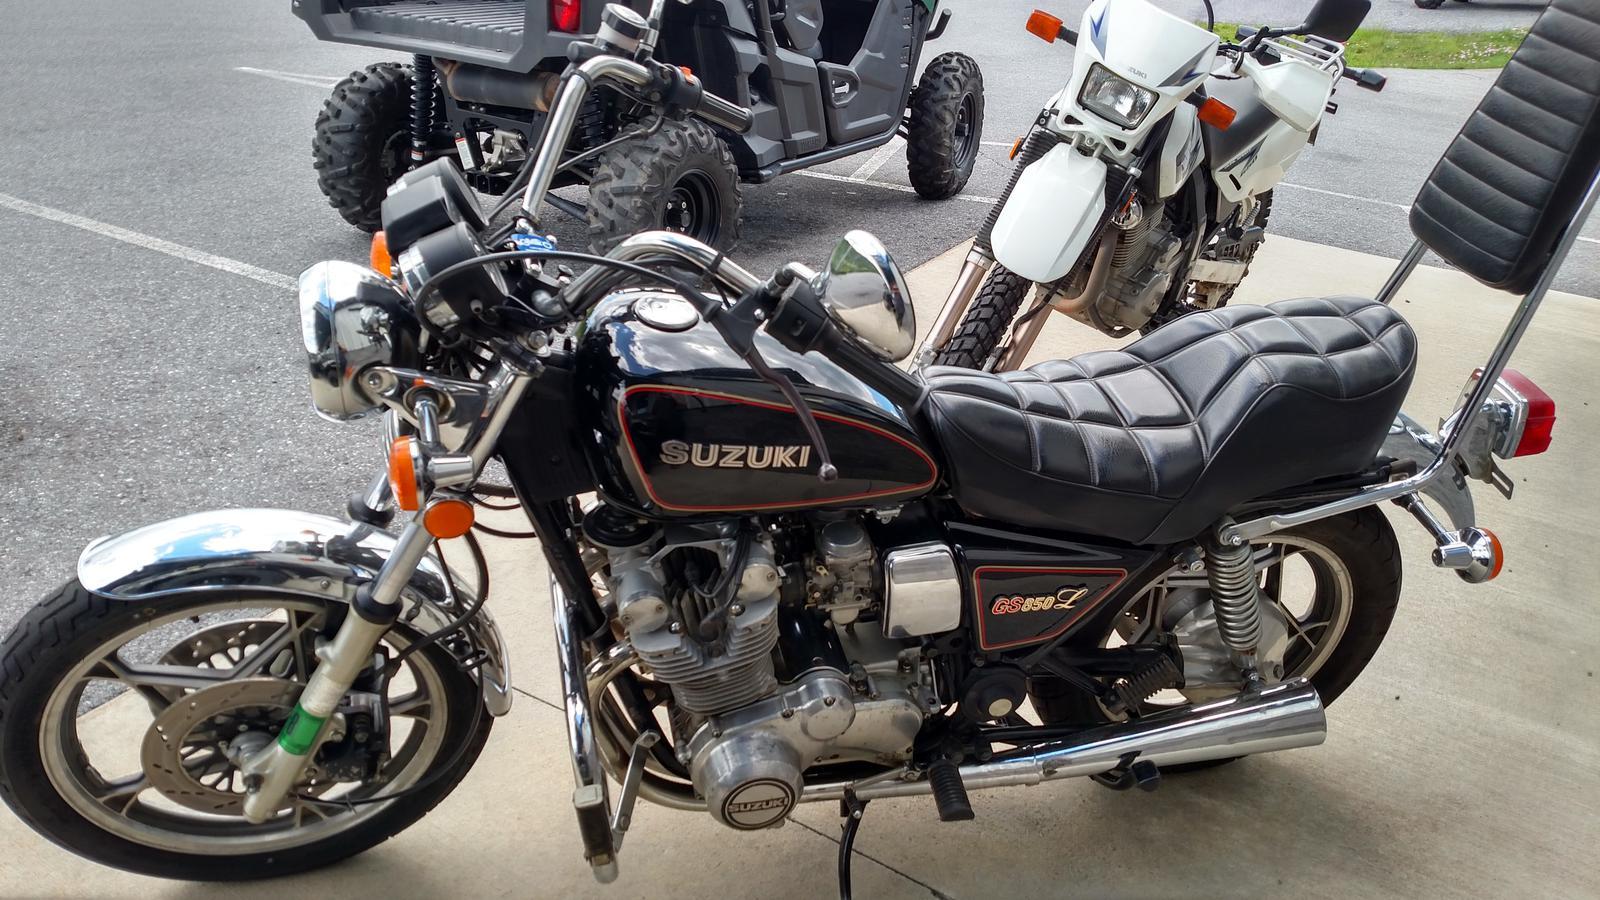 1980 suzuki gs 850l for sale in bedford, pa. bedford suzuki-yamaha